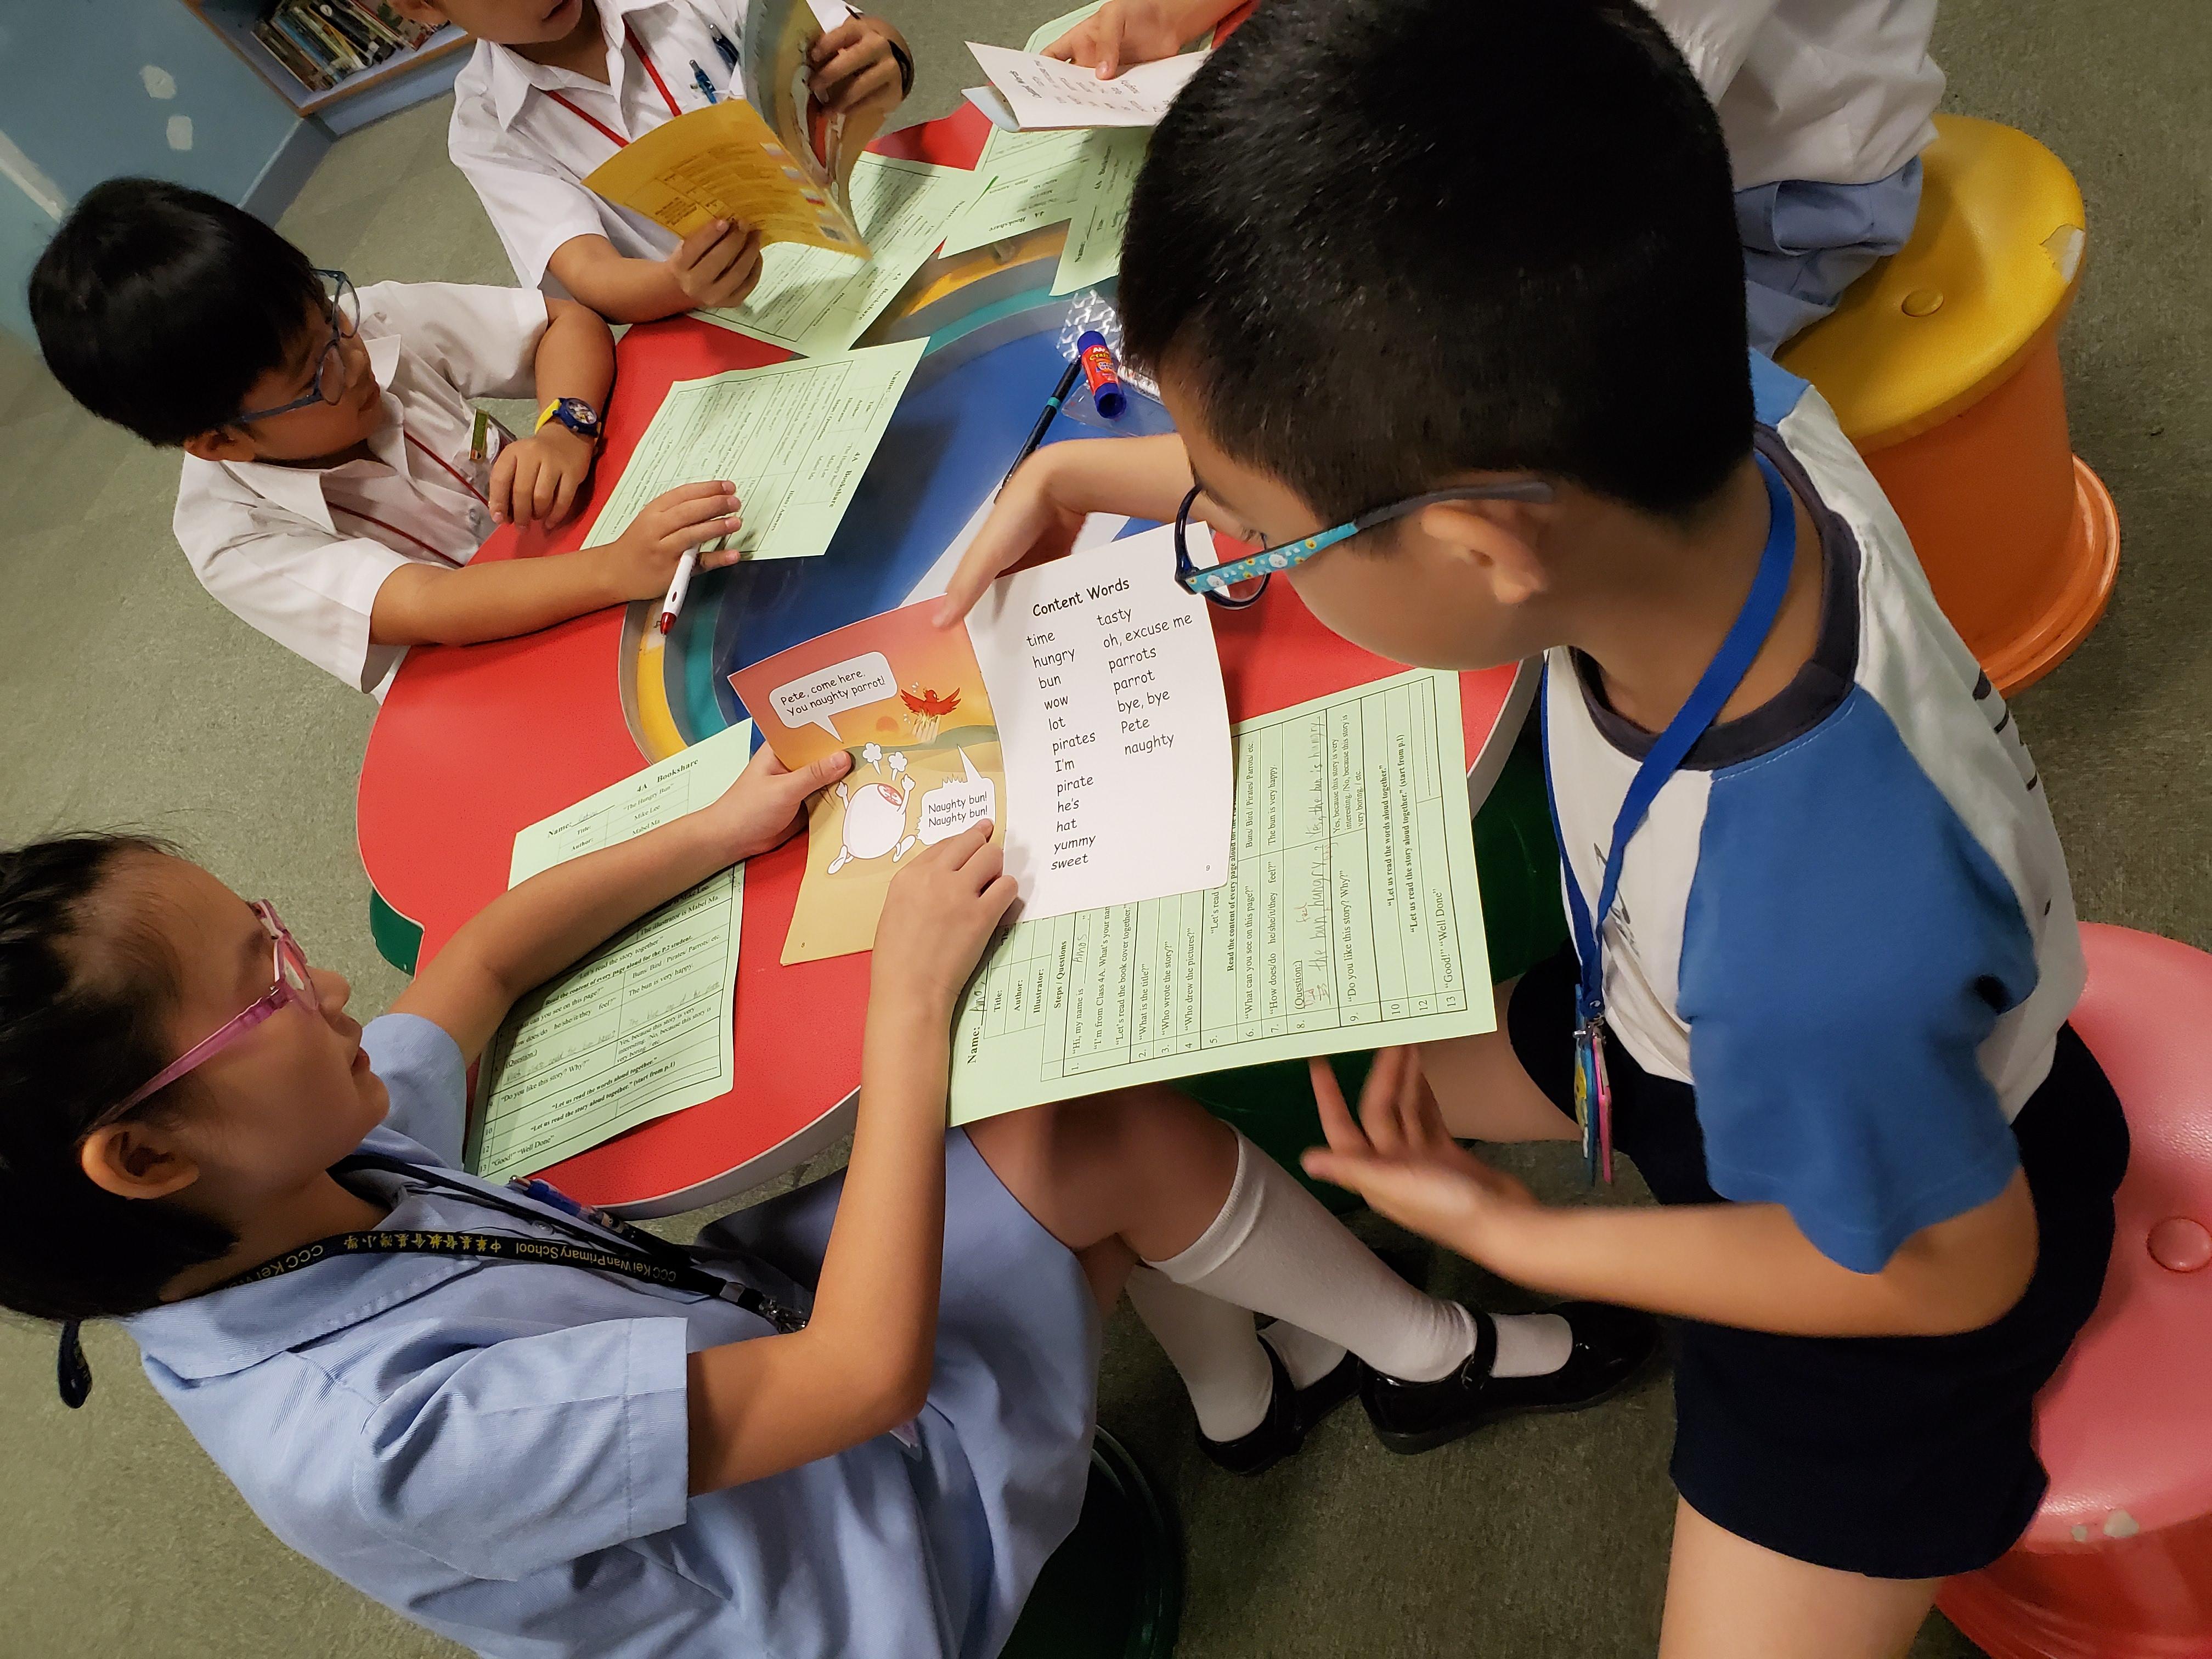 http://www.keiwan.edu.hk/sites/default/files/20191011_101019.jpg